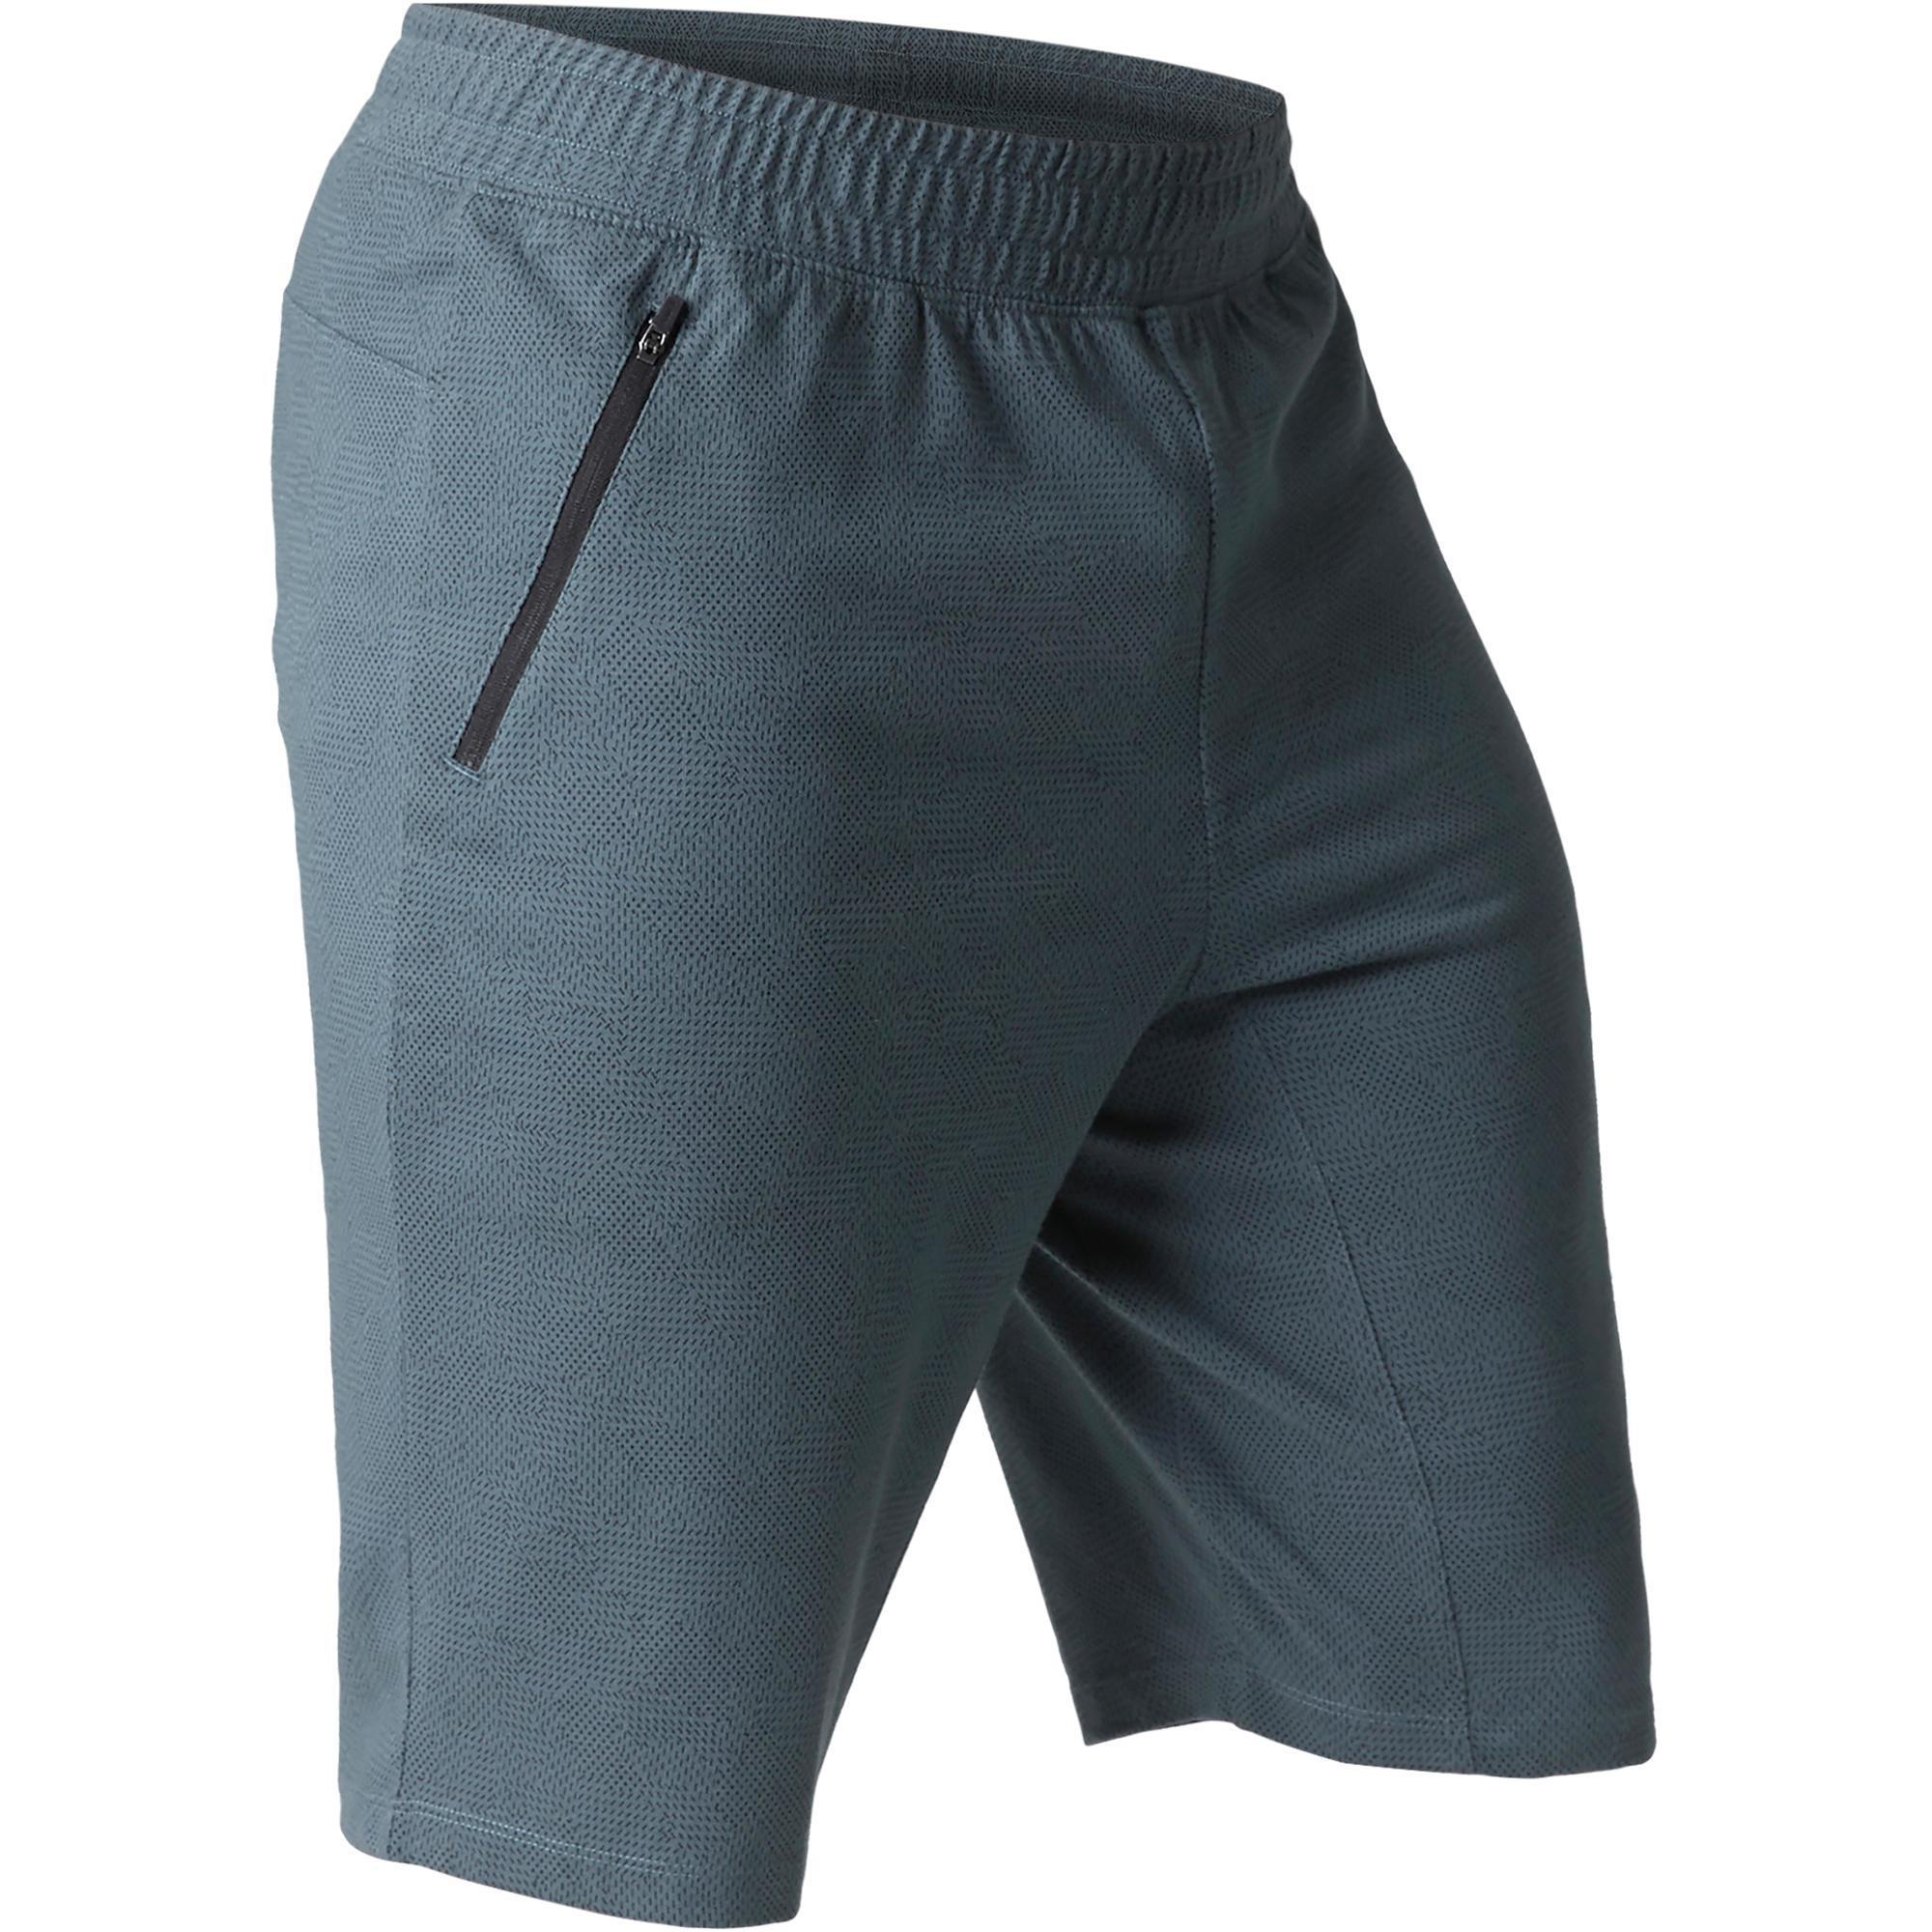 Sporthose kurz Gym 520 Slim knielang Herren Fitness blau